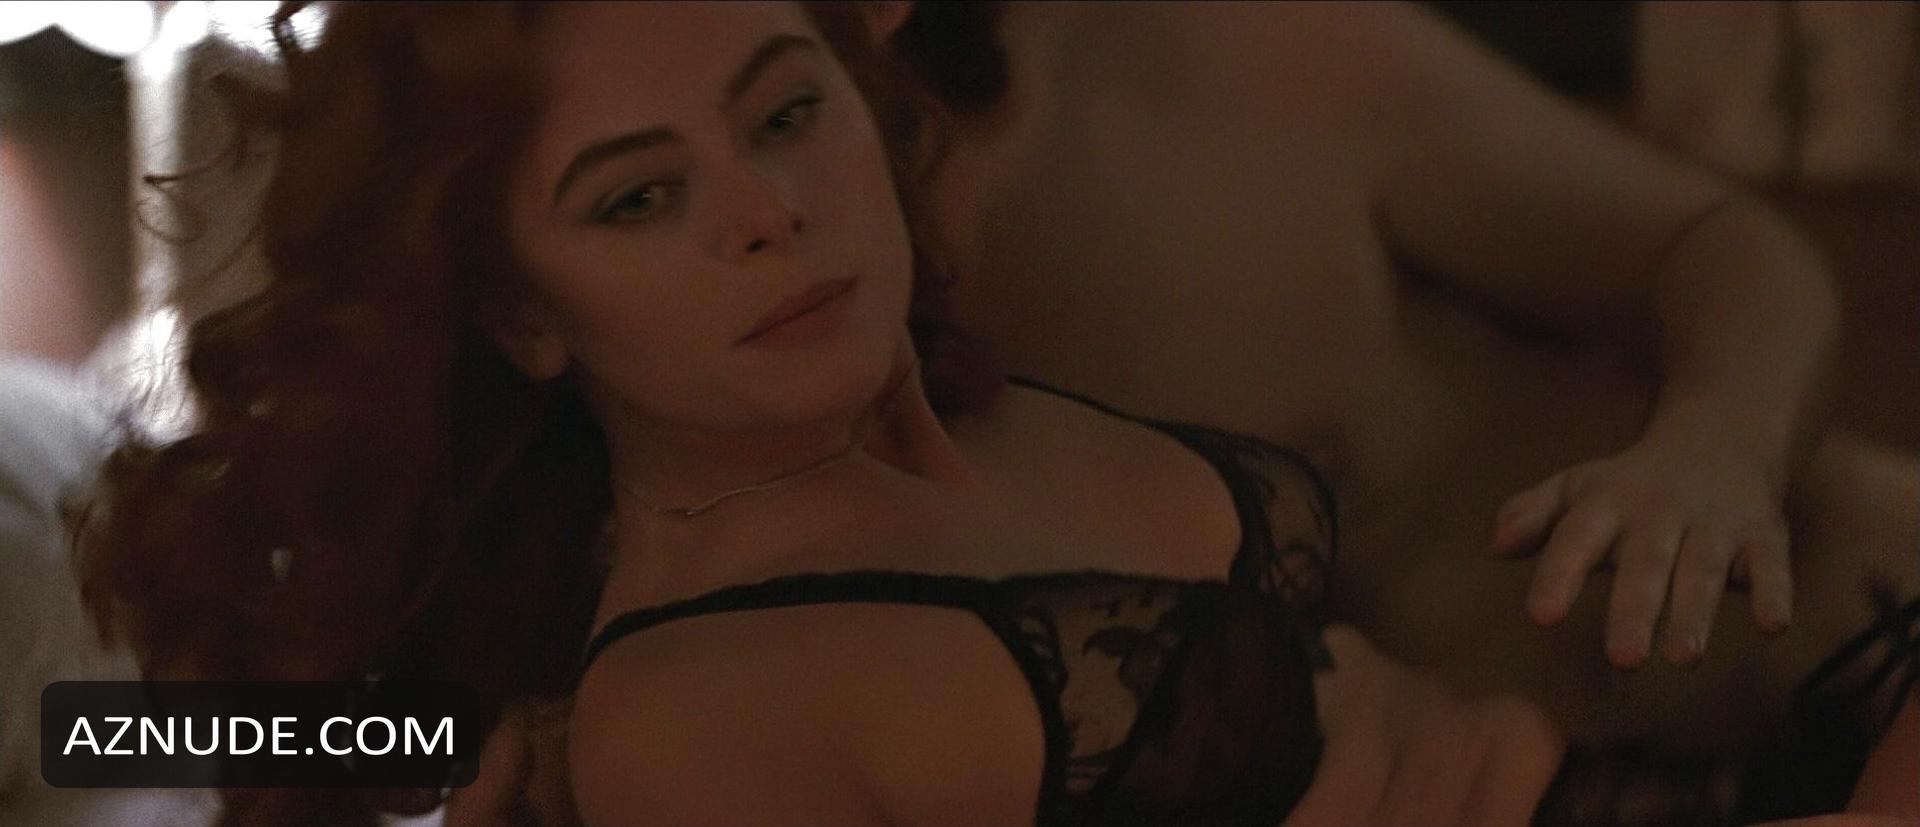 young nude black actress ass